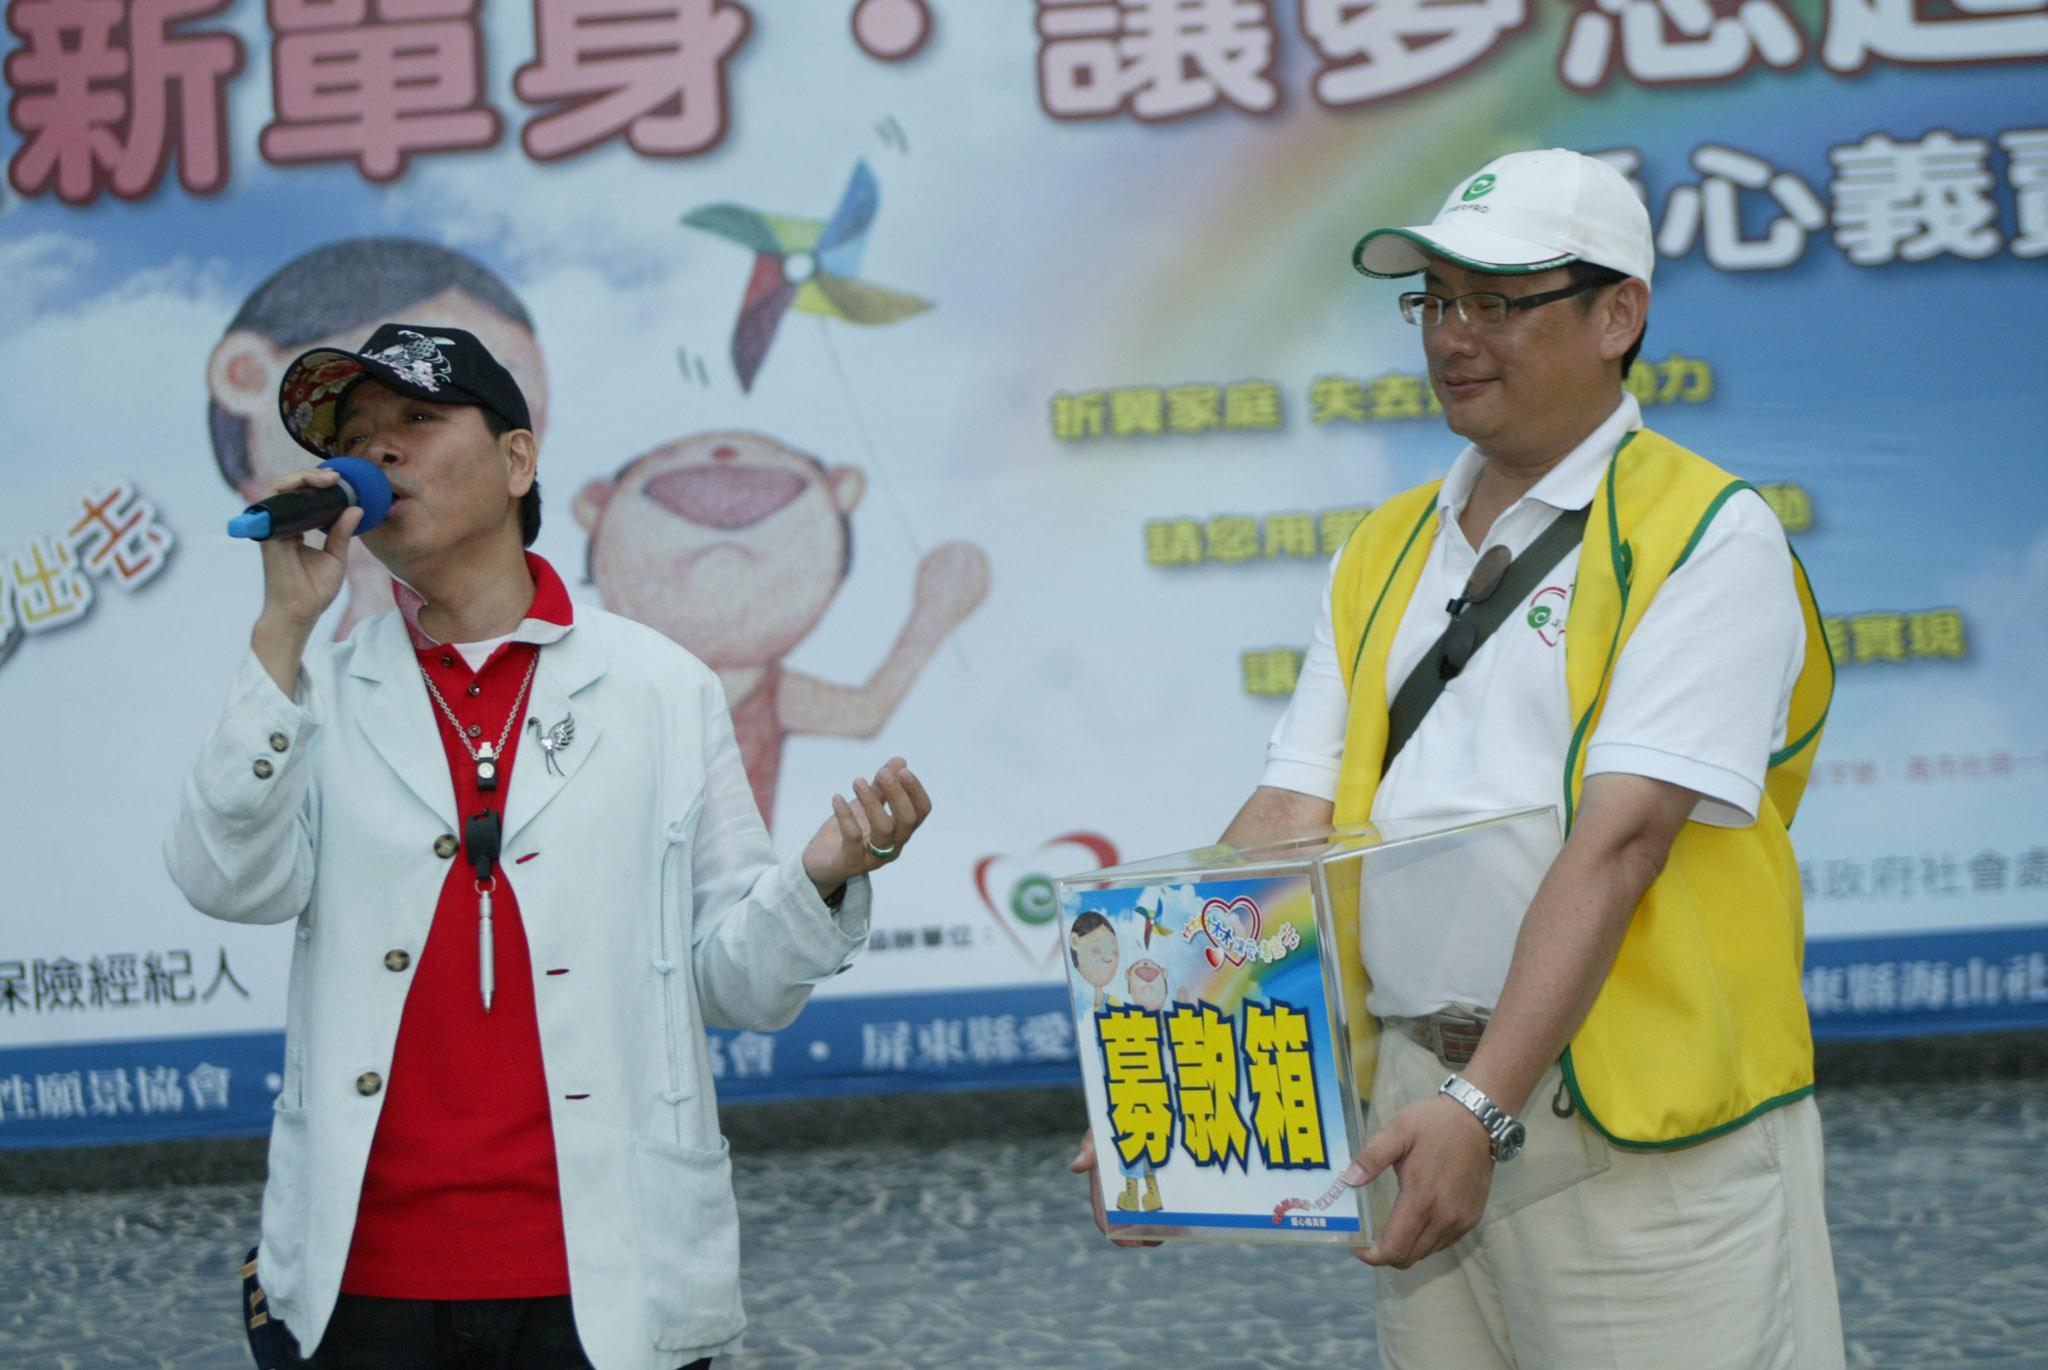 活動主持人陳凱倫為公益獻唱募款。